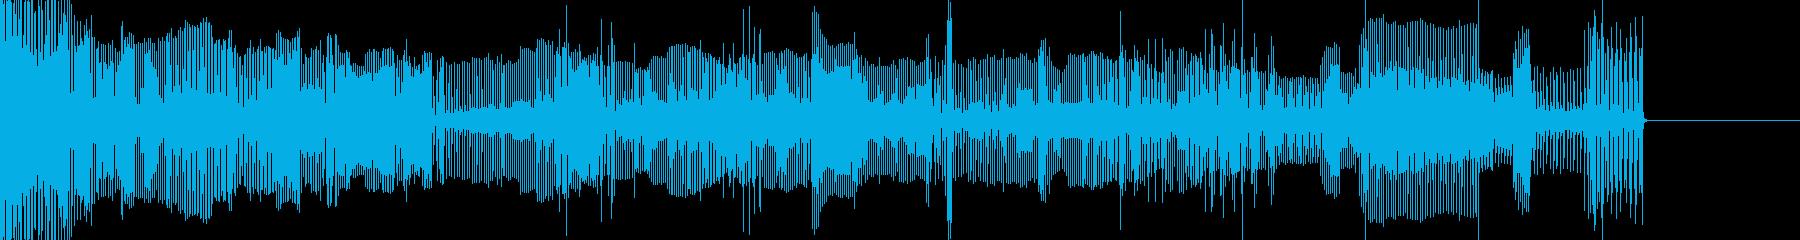 壊れた機械音01の再生済みの波形